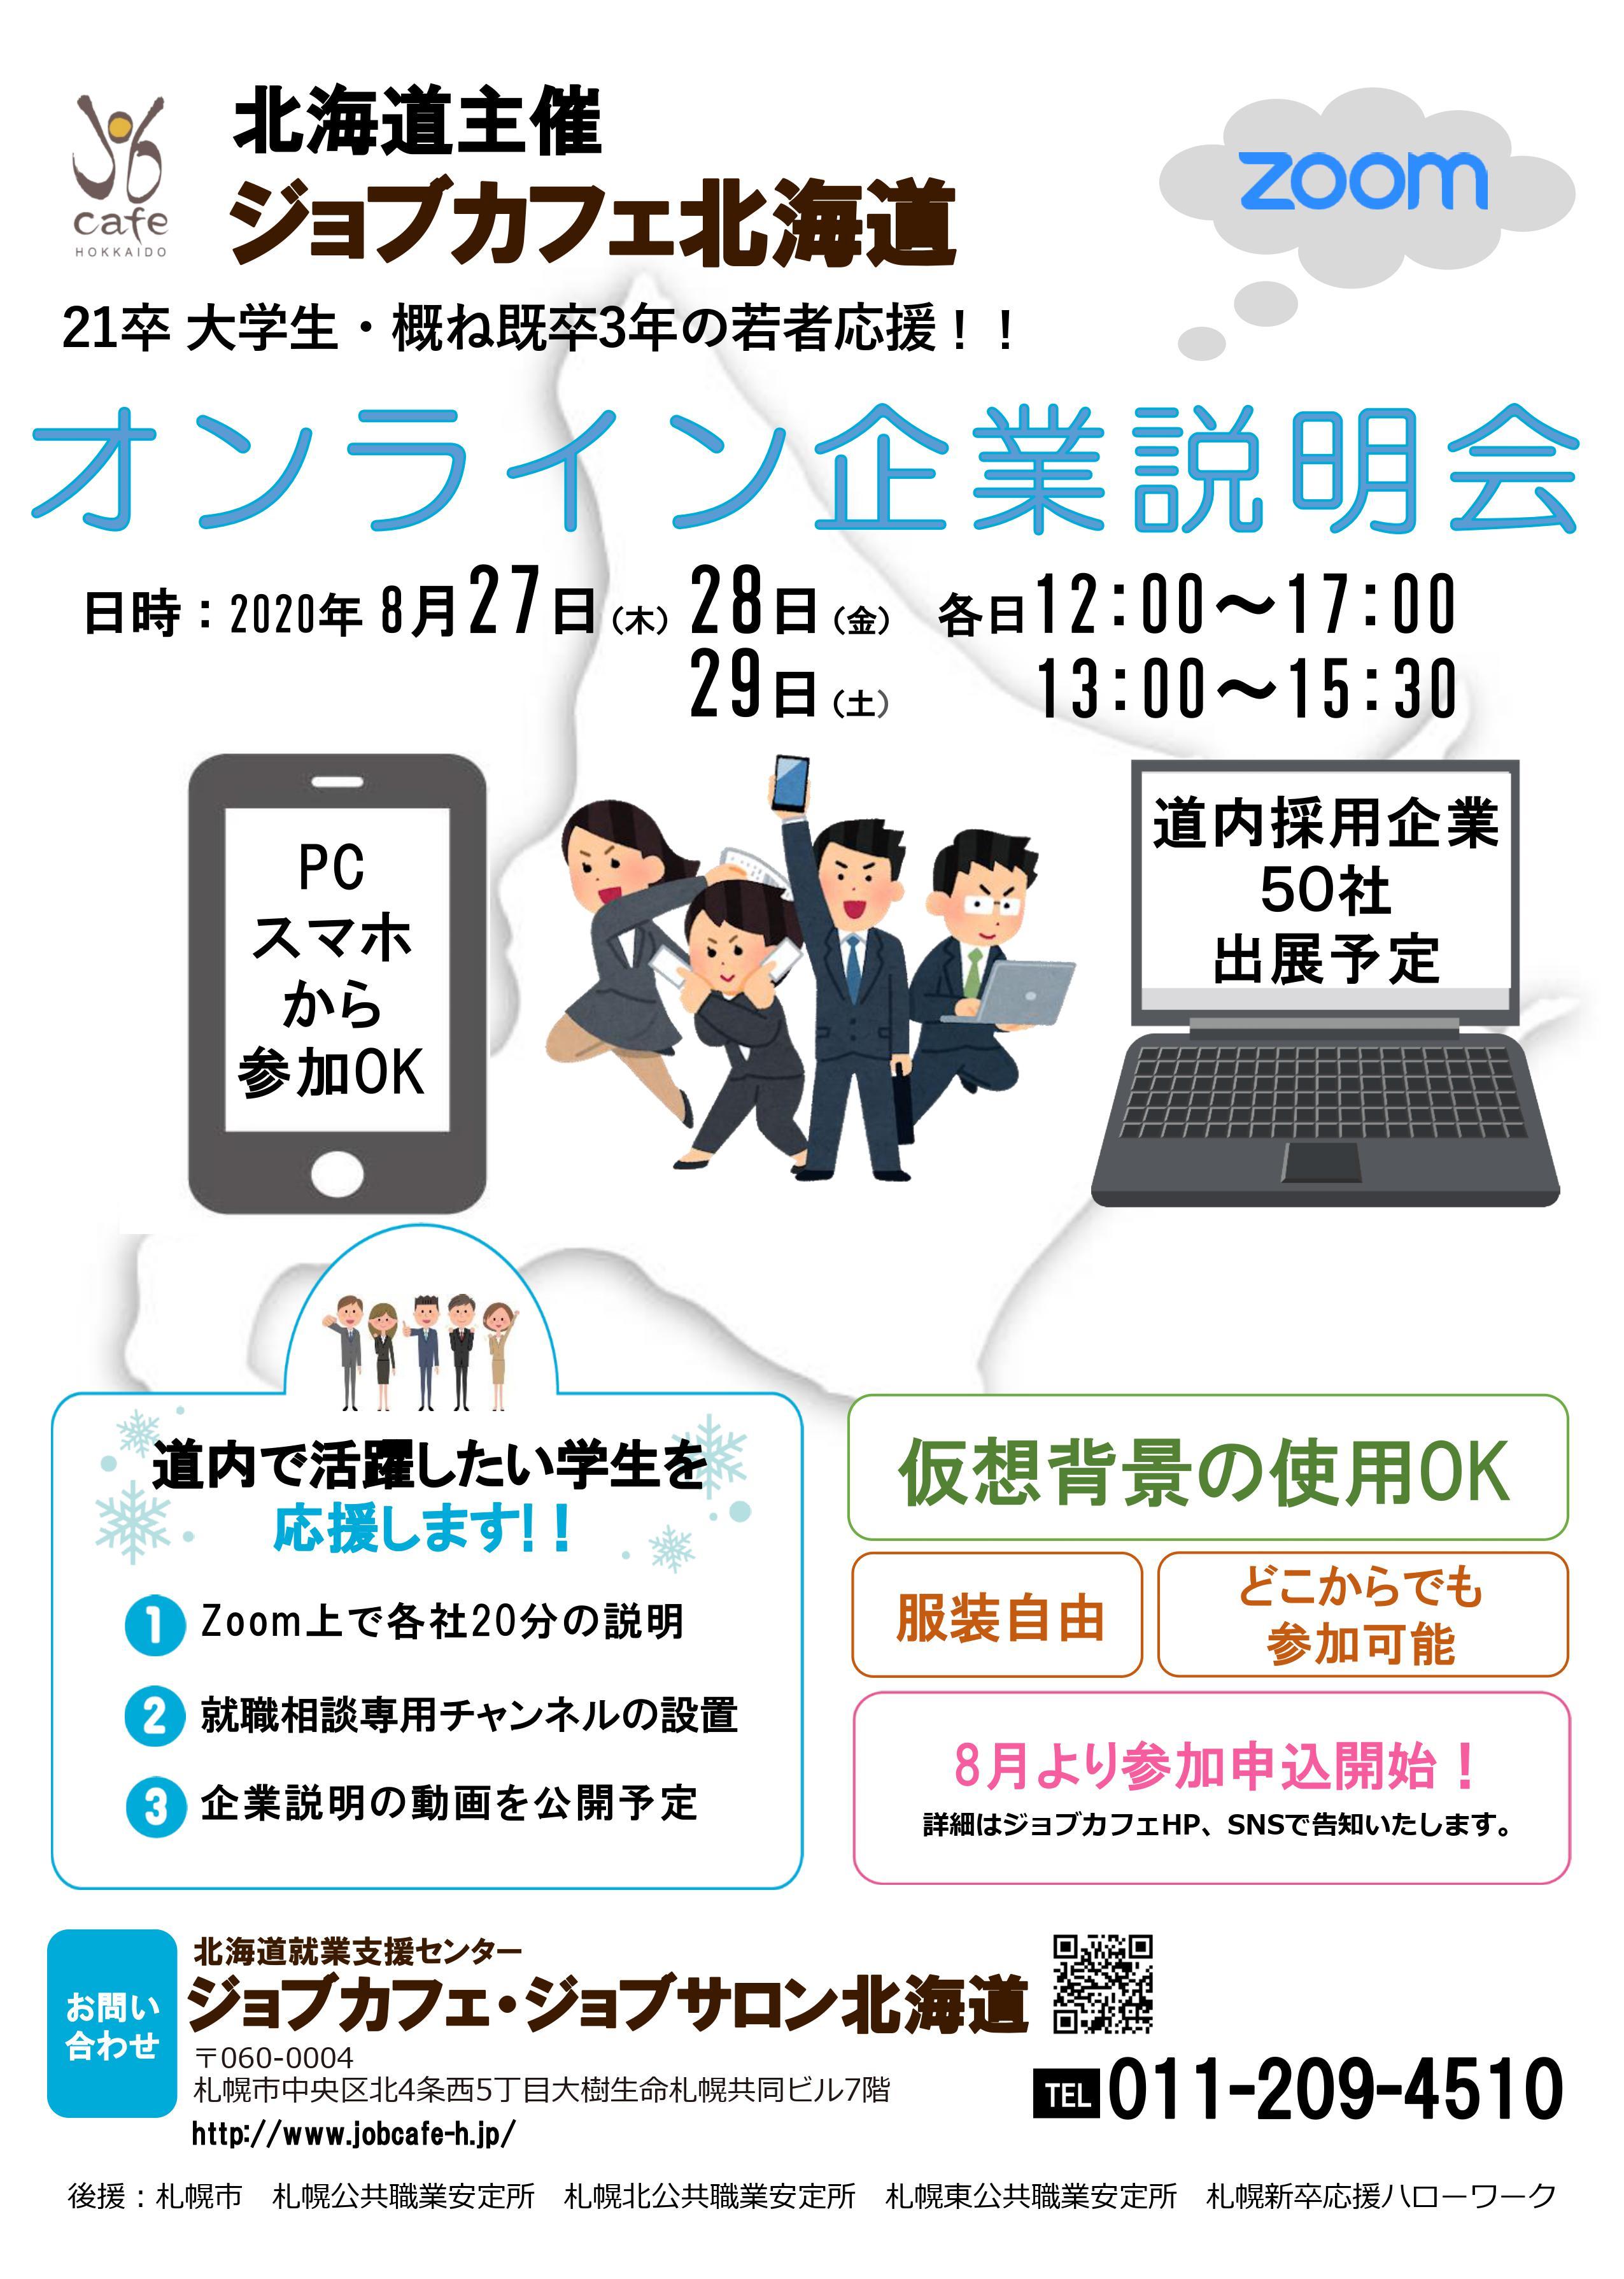 企業説明会 ジョブカフェ北海道